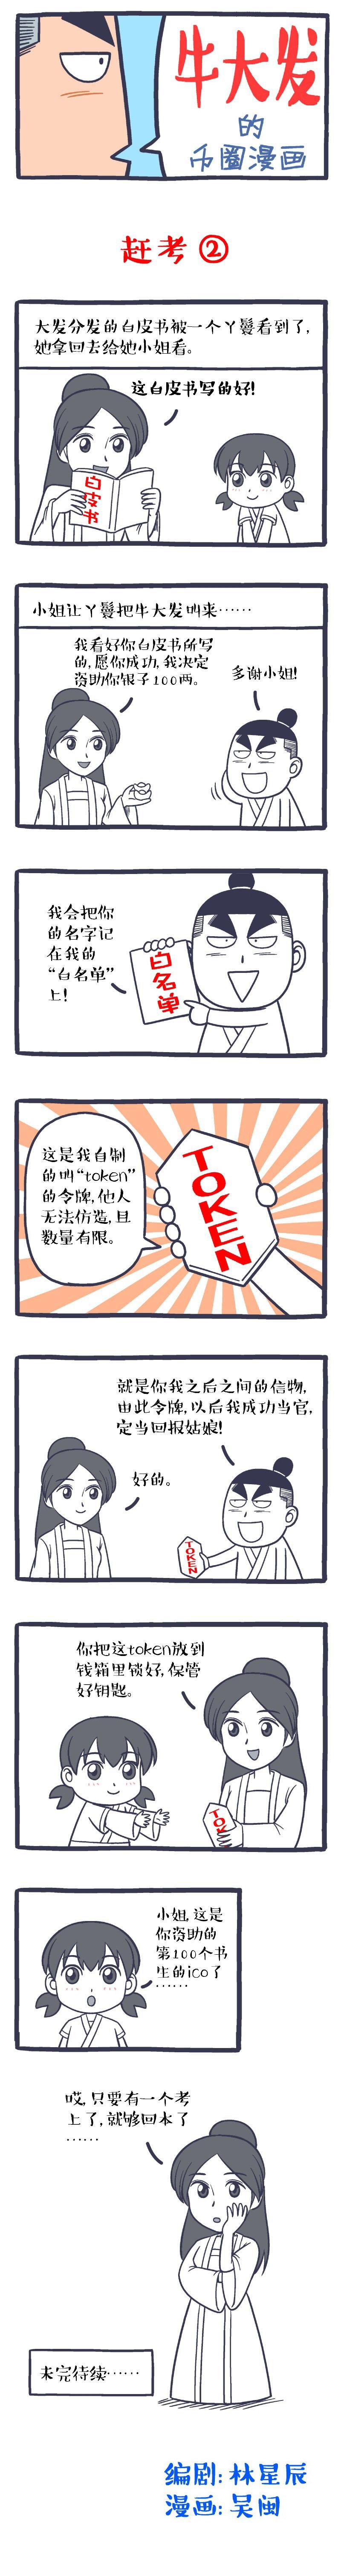 【币圈系列故事】赶考2:投资